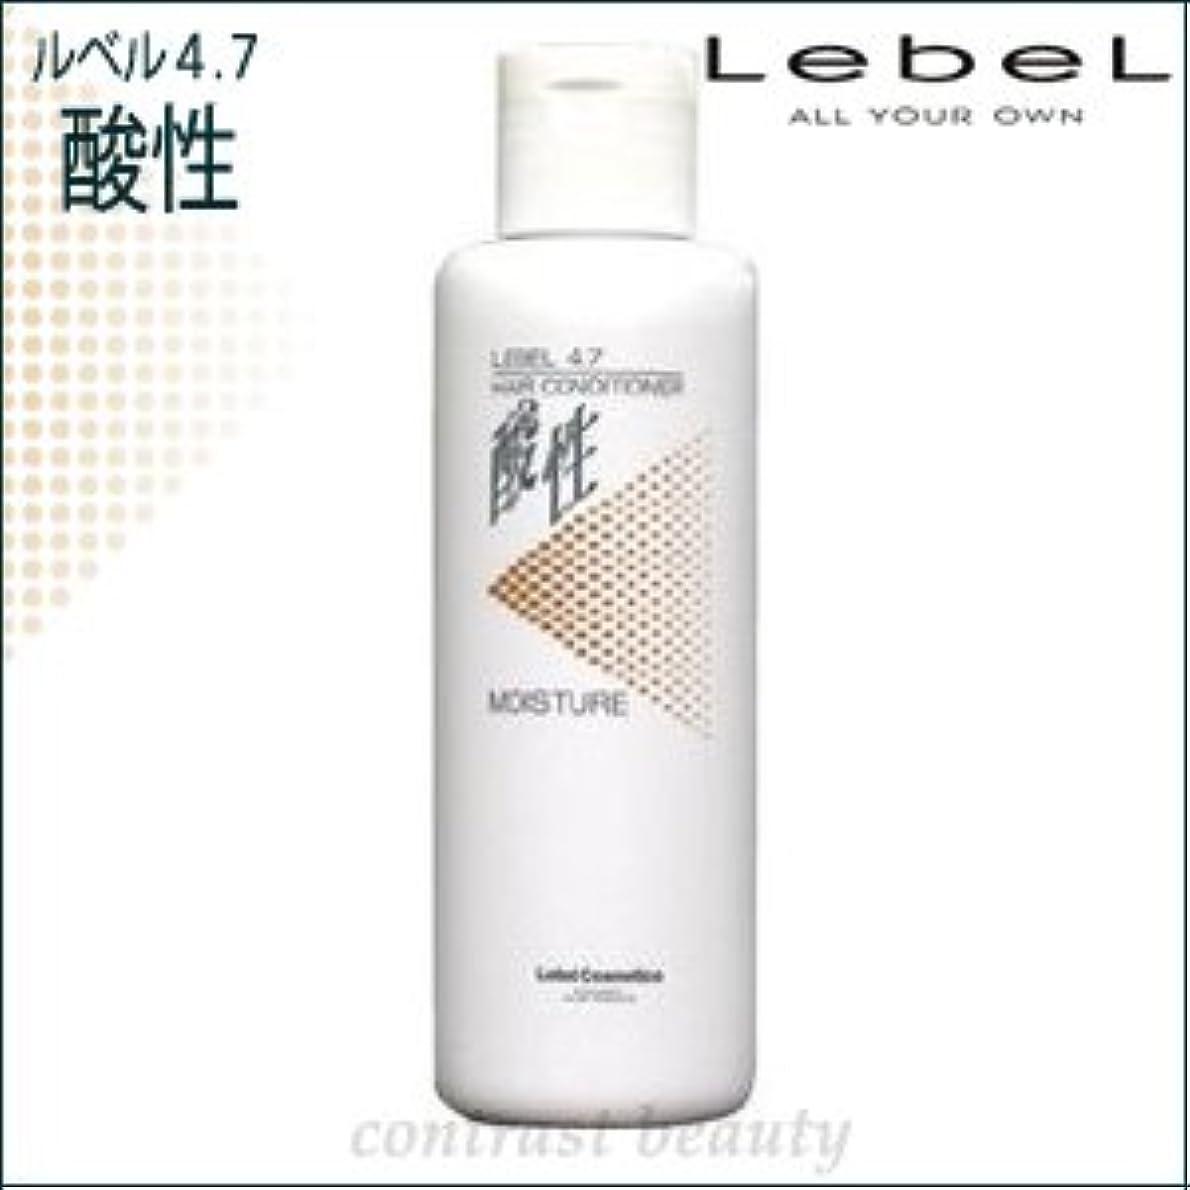 ペット不忠快適【X2個セット】 ルベル/LebeL 4.7酸性 モイスチャーコンディショナー 250ml